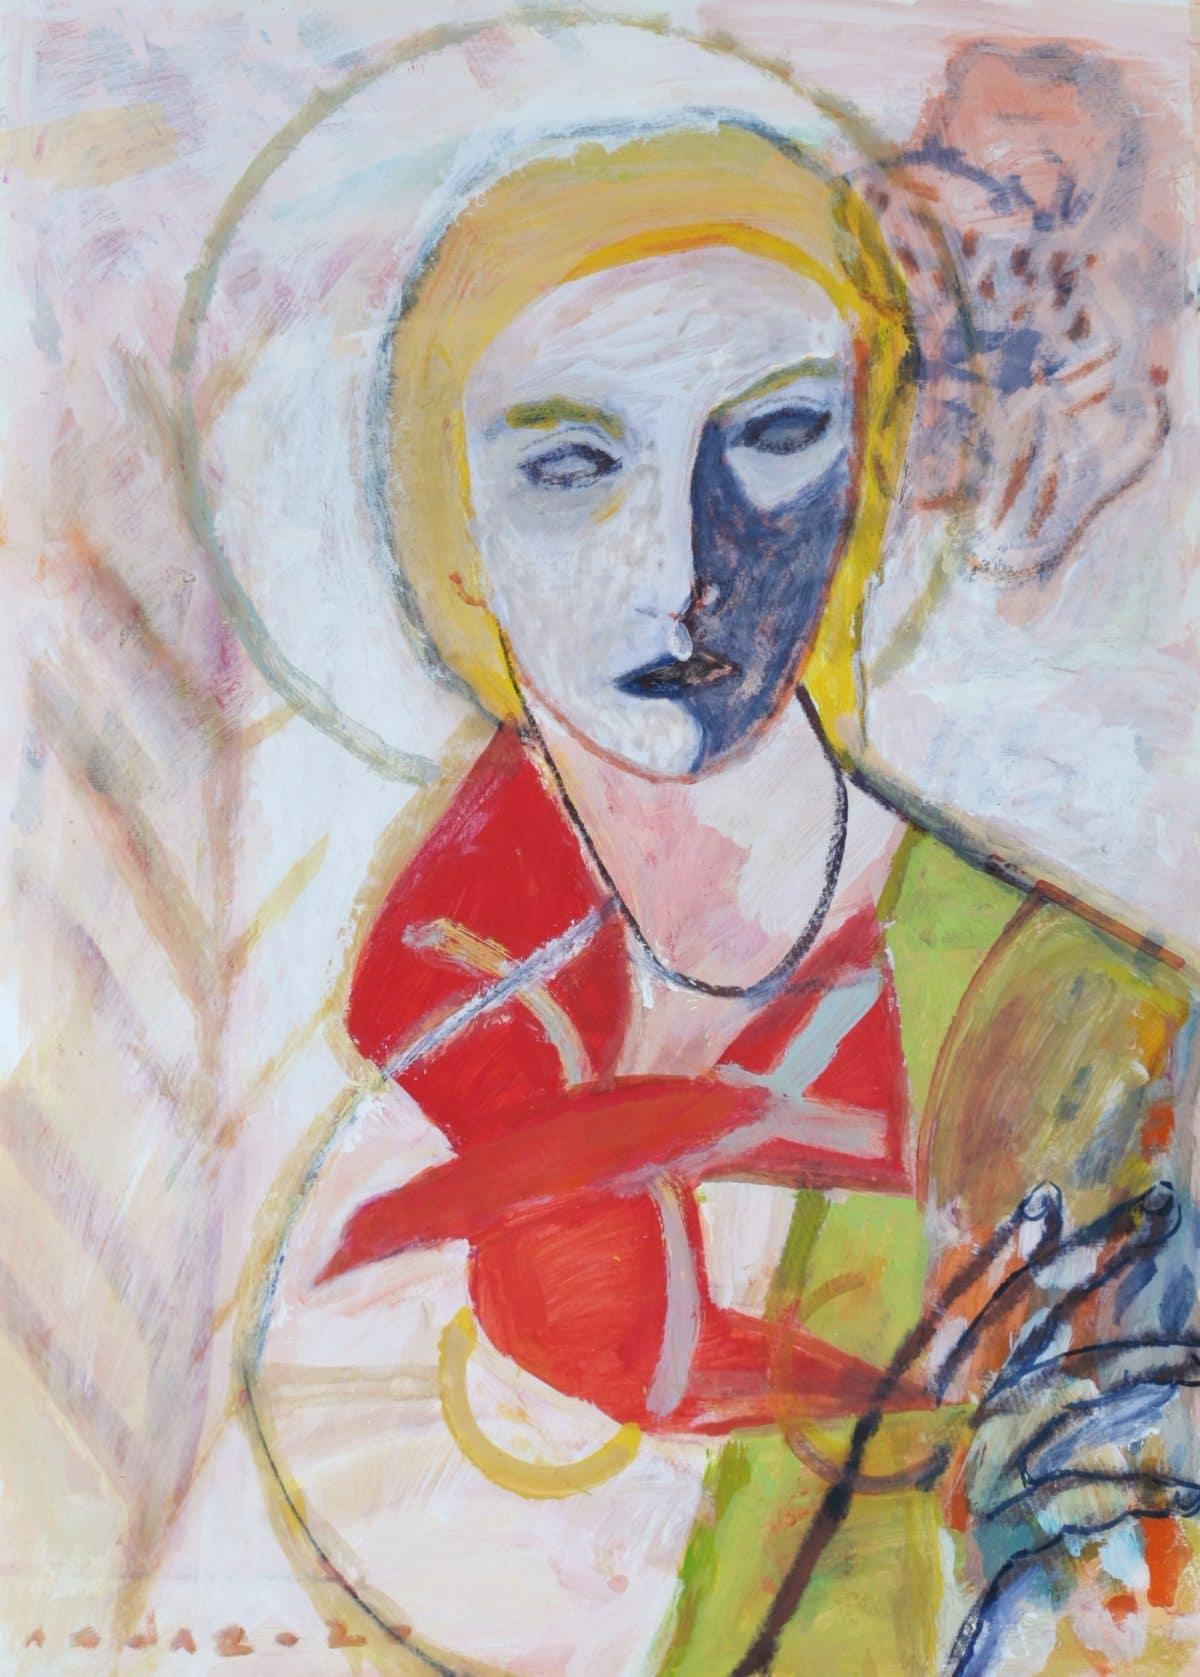 Neda Tavallaee - The Poet  - 2020